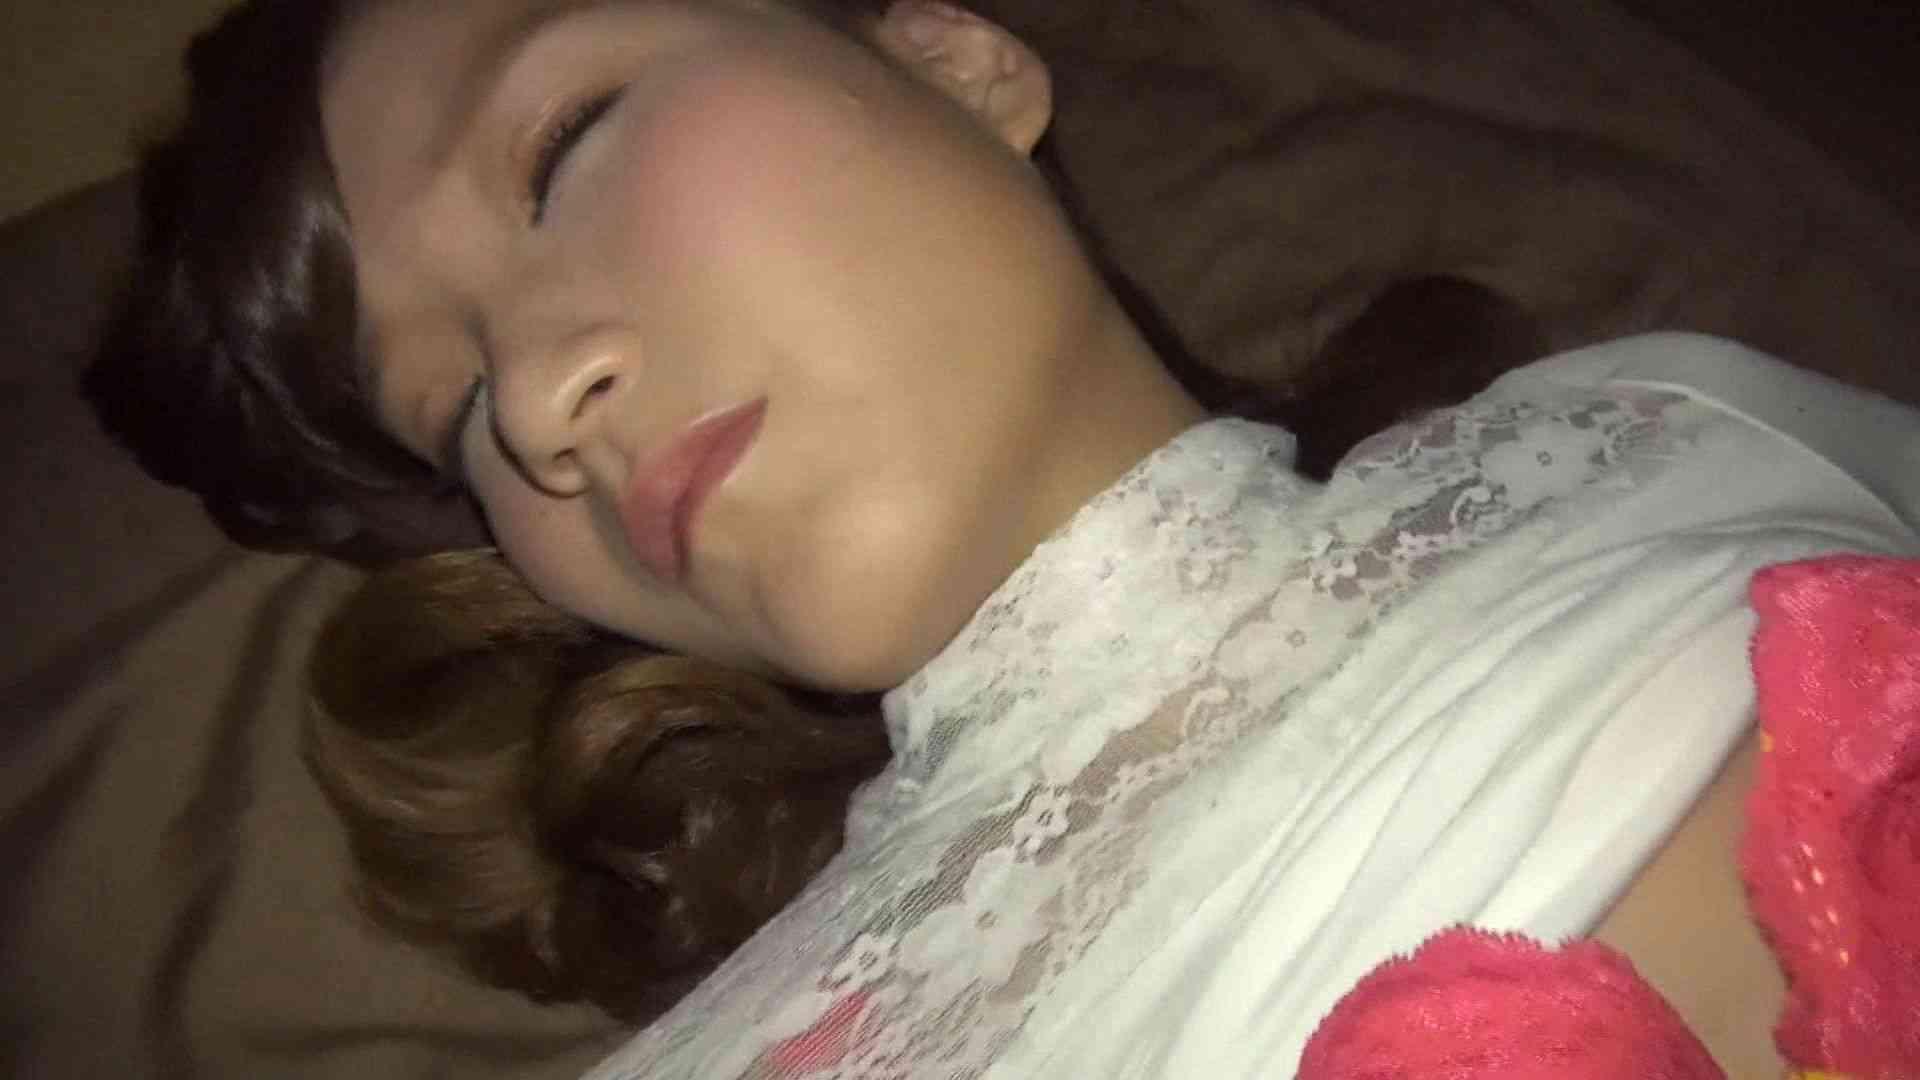 変態ギャル姫のH Vol.10 後編 独身エッチOL   マンココレクション  81pic 51